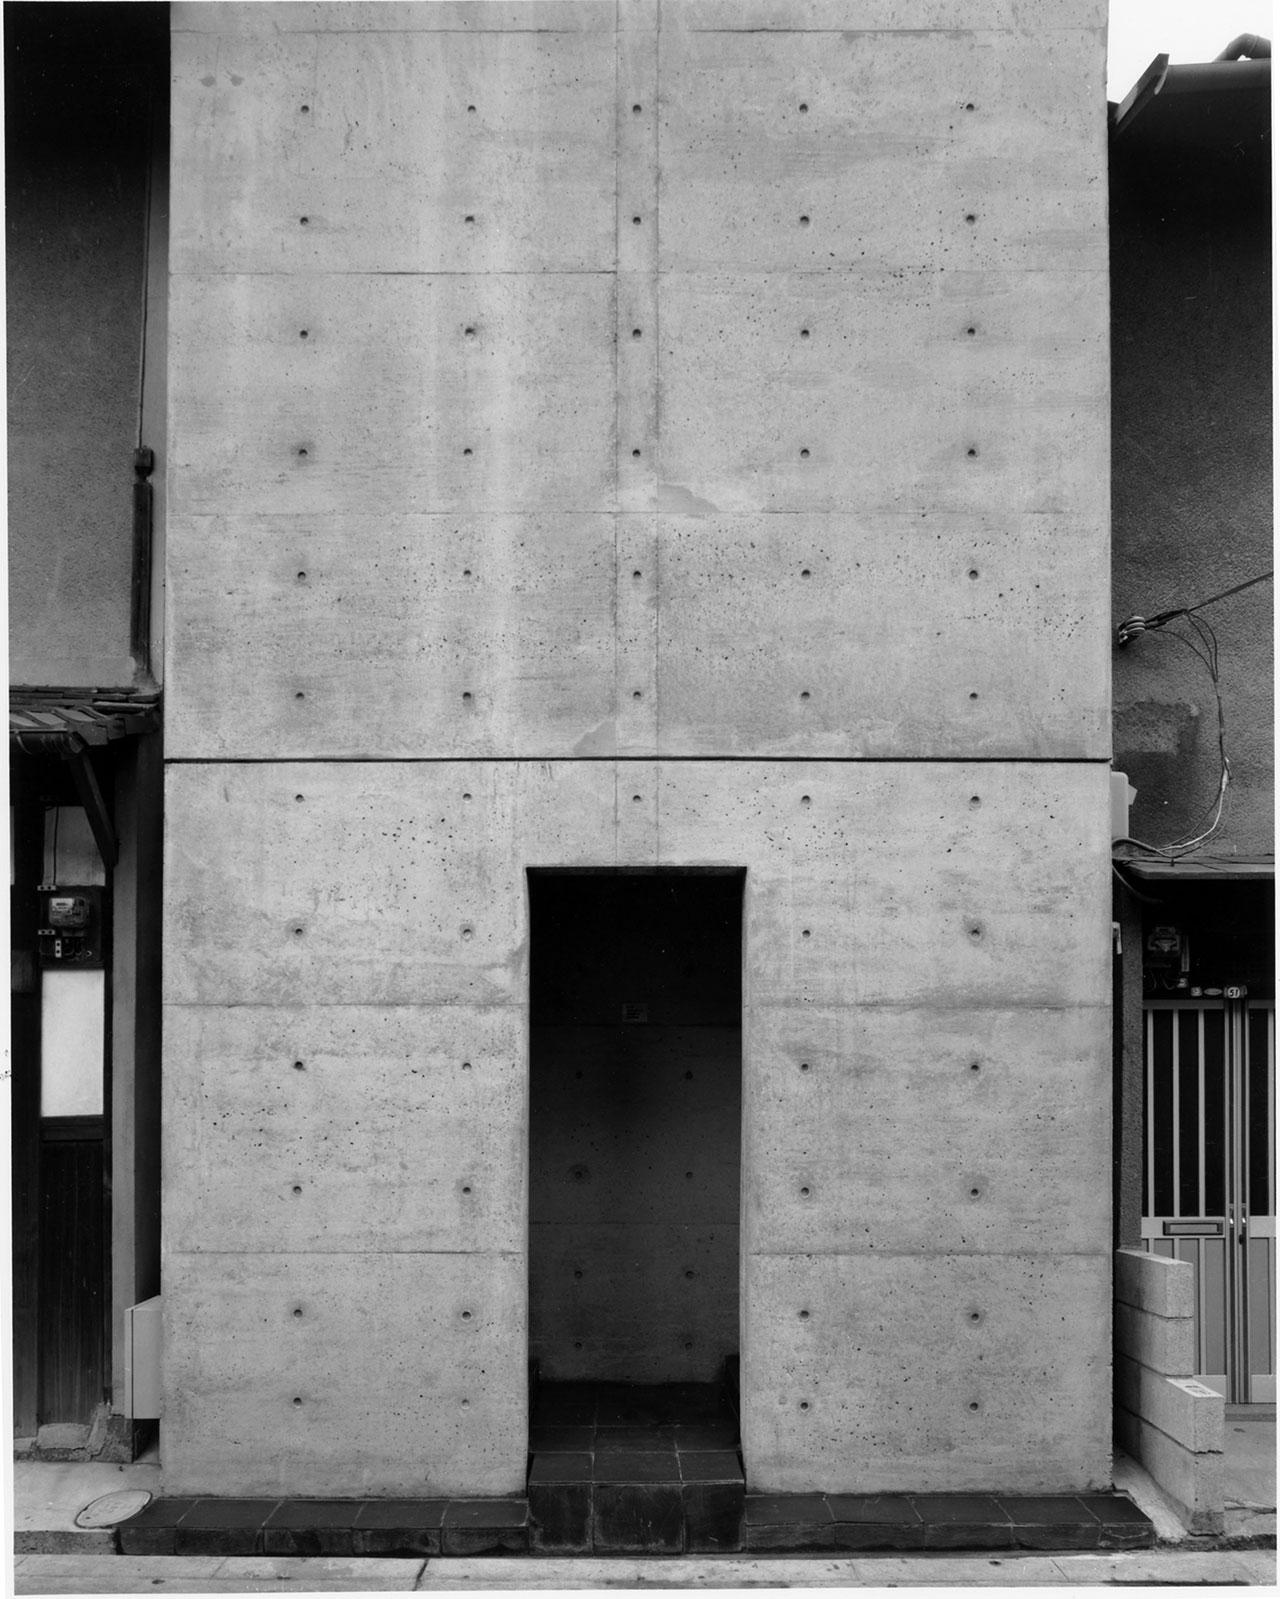 住吉の長屋 (1976) 大阪府大阪市 撮影: 新建築社 写真部 「3軒長屋の真ん中をコンクリートのコートハウスで置き換えた最初期の代表作で日本建築学会賞を受賞」/ Row House in Sumiyoshi (1976) Osaka, Osaka Photo: Shinkenchiku-sha 'An early masterpiece replacing three buildings in the middle of Nagoya with a concrete courthouse that earned the Architectural Institute of Japan (AIJ) Prizes. '